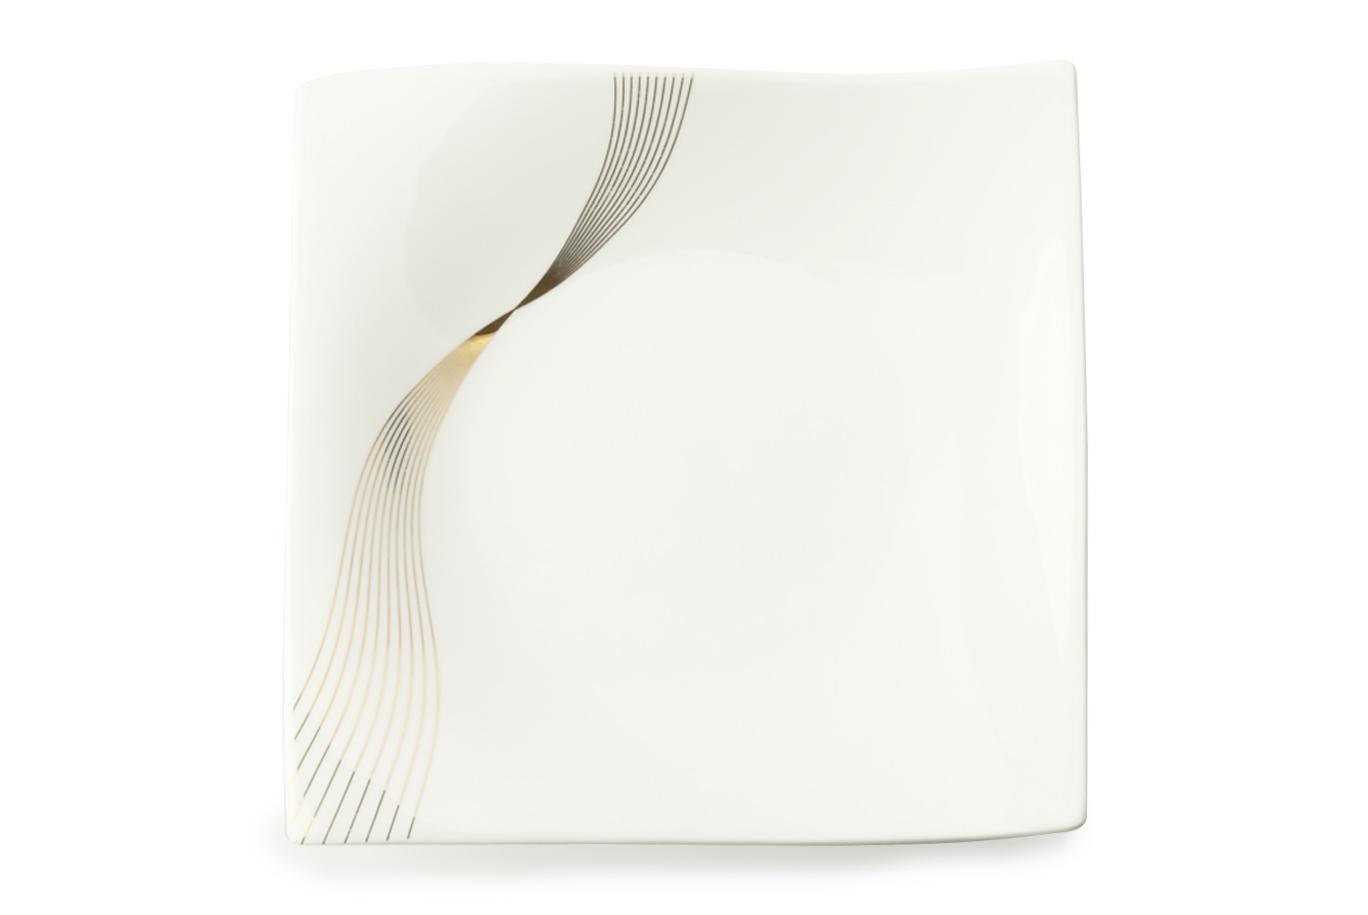 Čtvercový talíř Frequency 22 x 22 cm - Maxwell&Williams